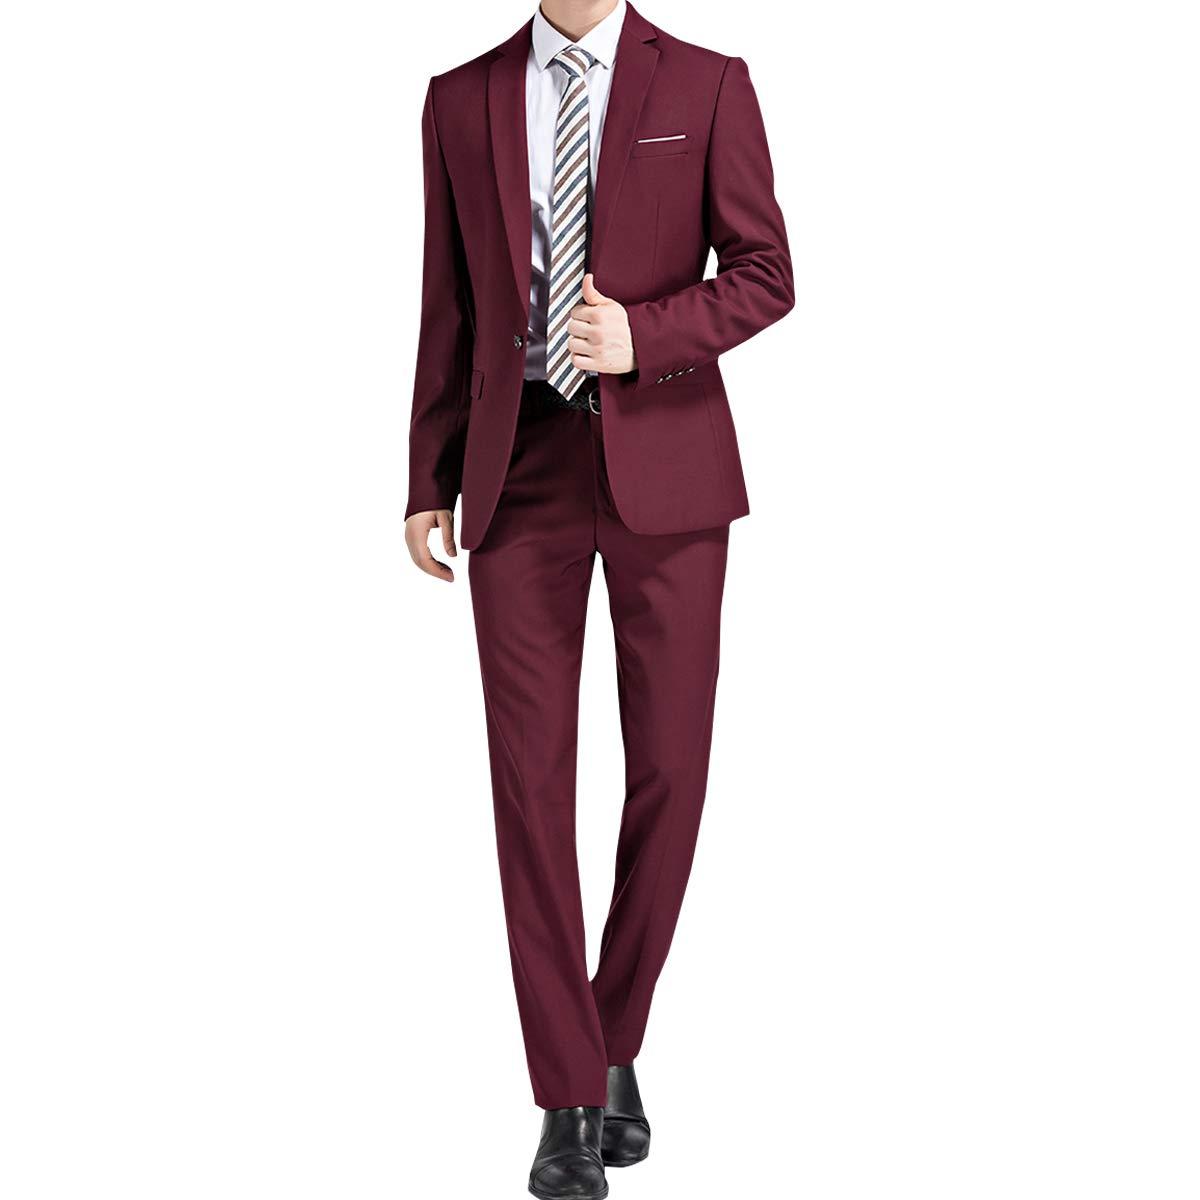 Allthemen Abiti da Uomo 2 Pezzi Slim Fit Wedding Tuxedo Suit Giacche Giacca Monopetto Monopetto